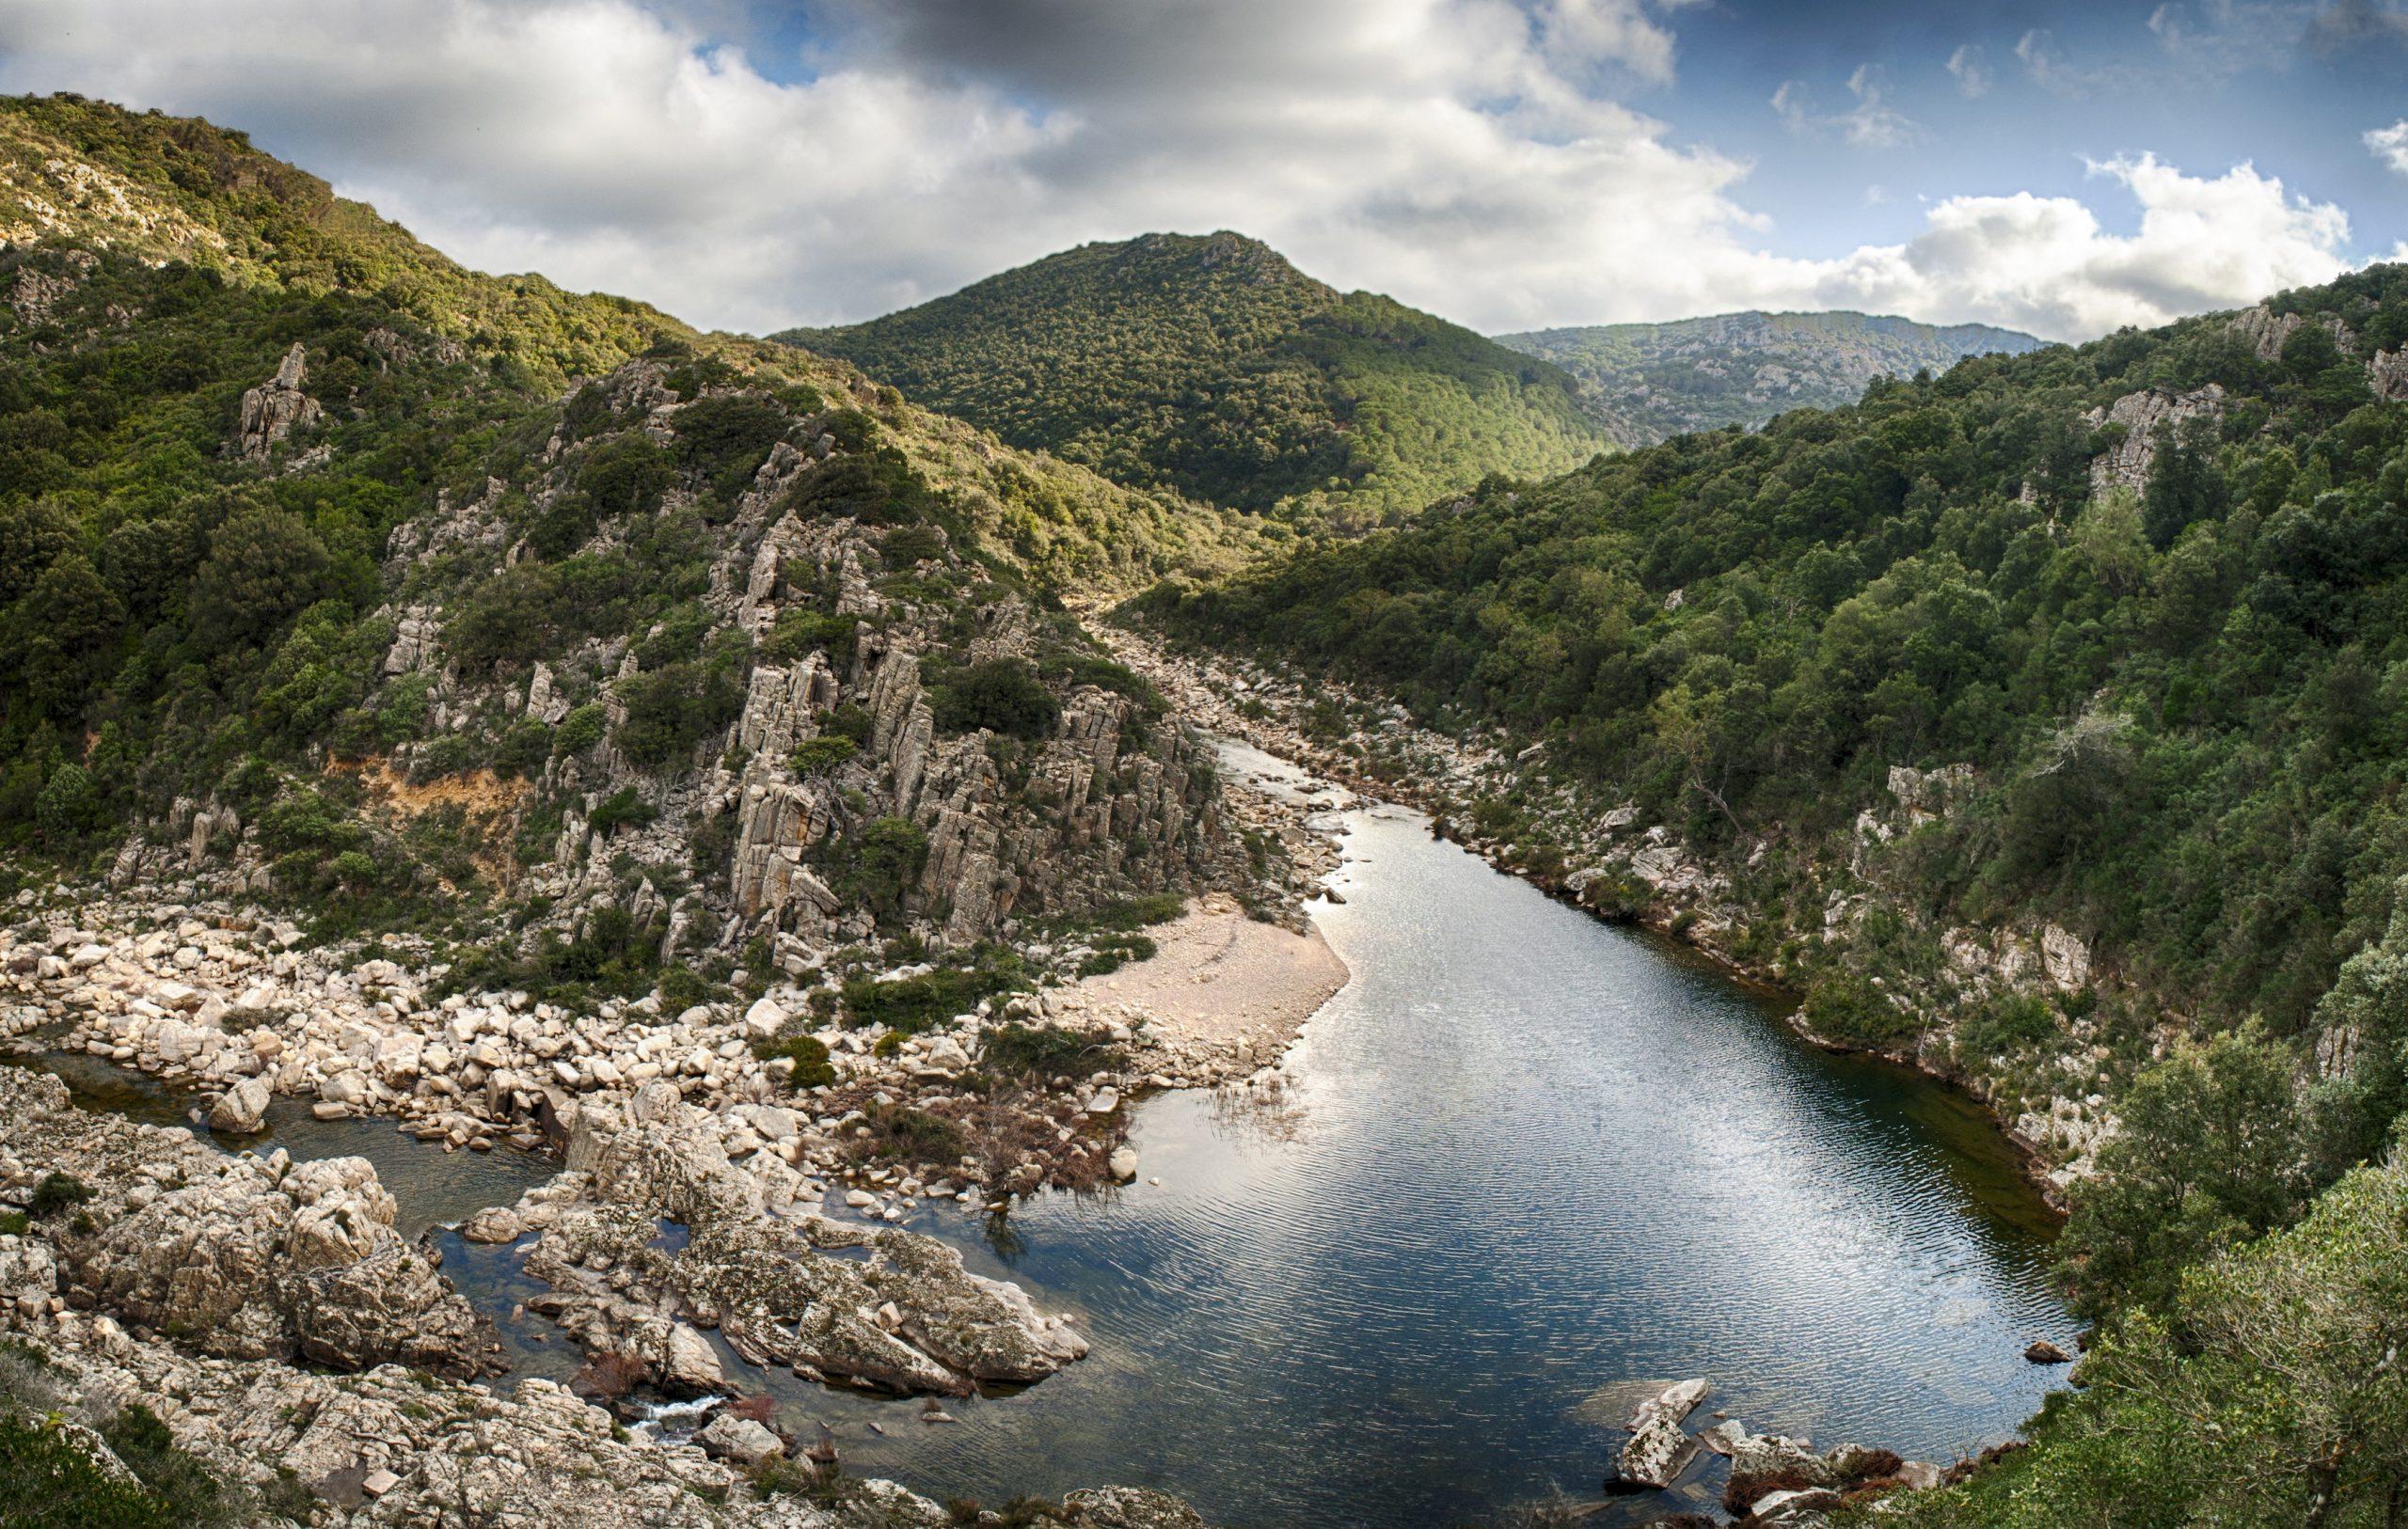 Sardegna: un'isola da esplorare e conoscere.